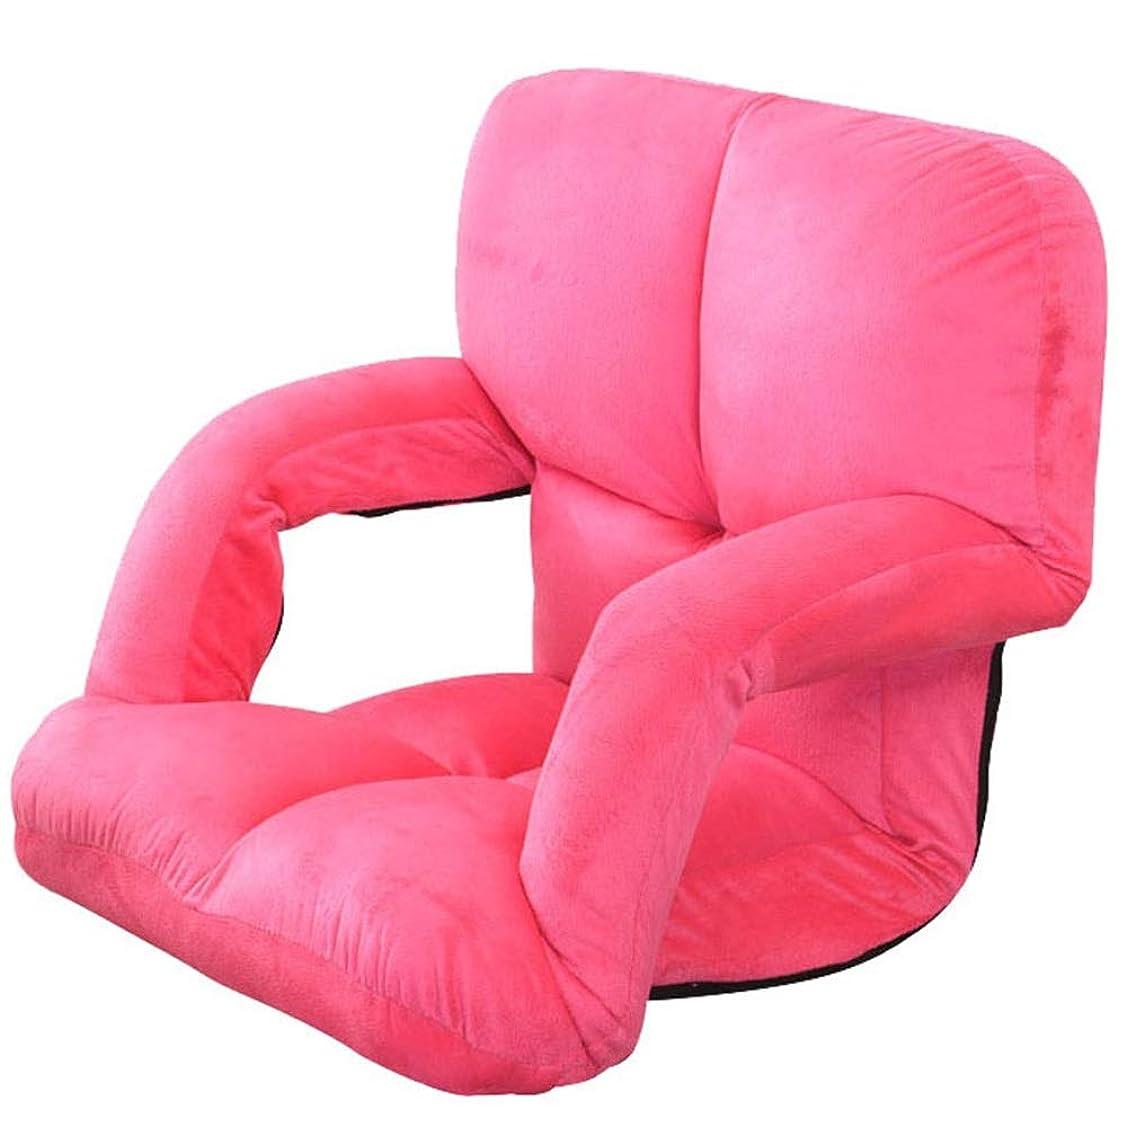 前任者アシスタントロープふあふあフロアチェア低反発 座椅子ウレタン フロアチェアソファベッドチェア快適なバックサポート折りたたみパッド入りゲーム (色 : ピンク, サイズ : 92*55*12cm)